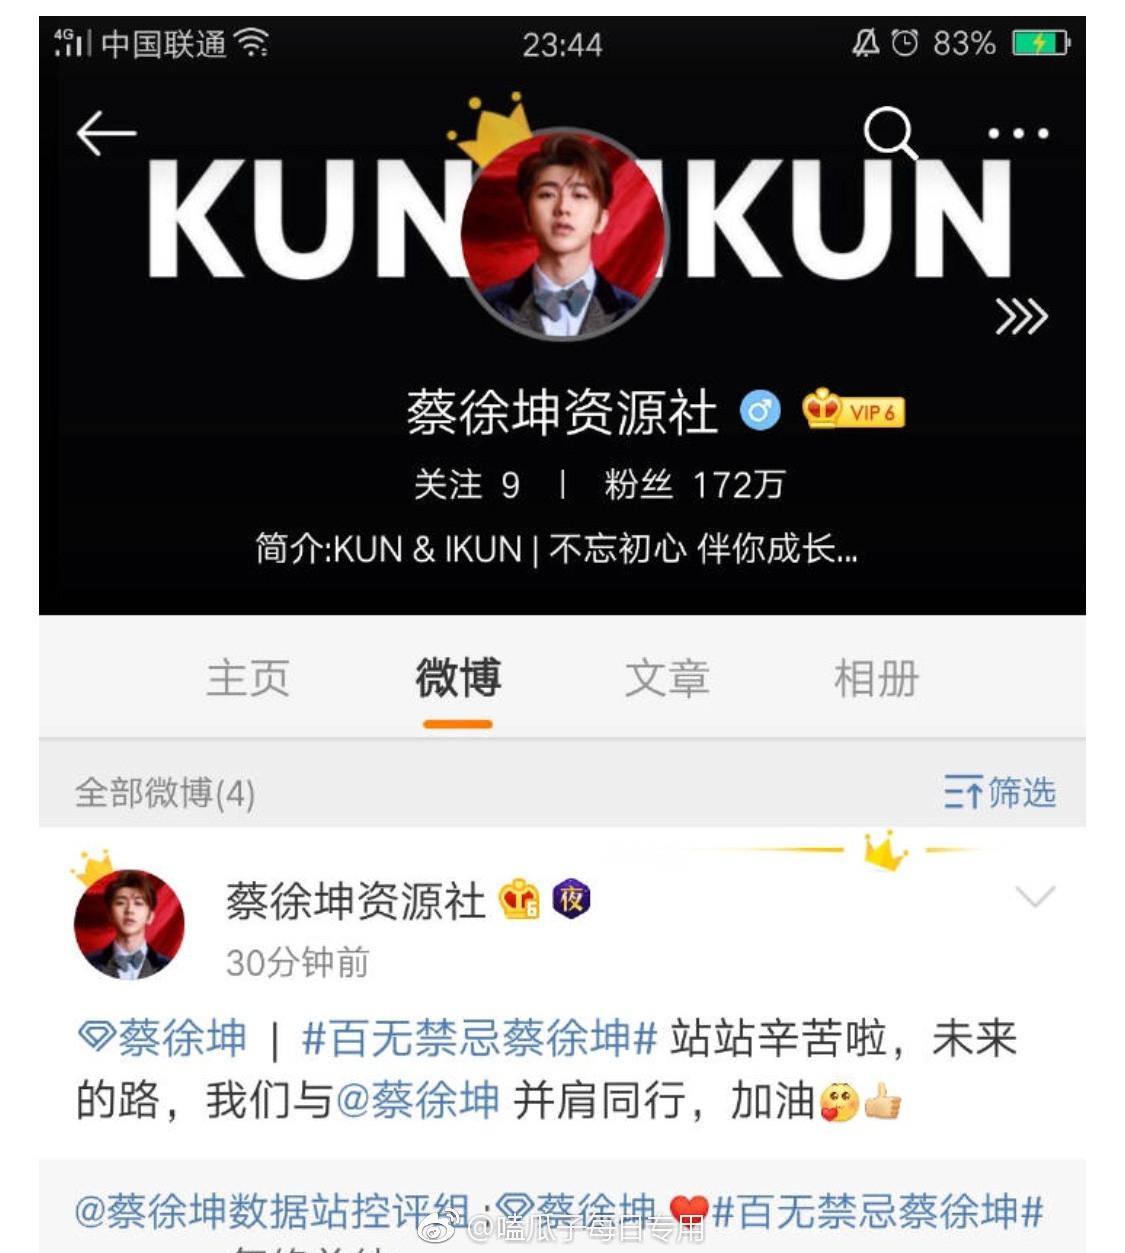 Đây là mỹ nam khiến fandom 1,7 triệu follower quay lưng phản bội G-Dragon tại Trung Quốc - Ảnh 2.